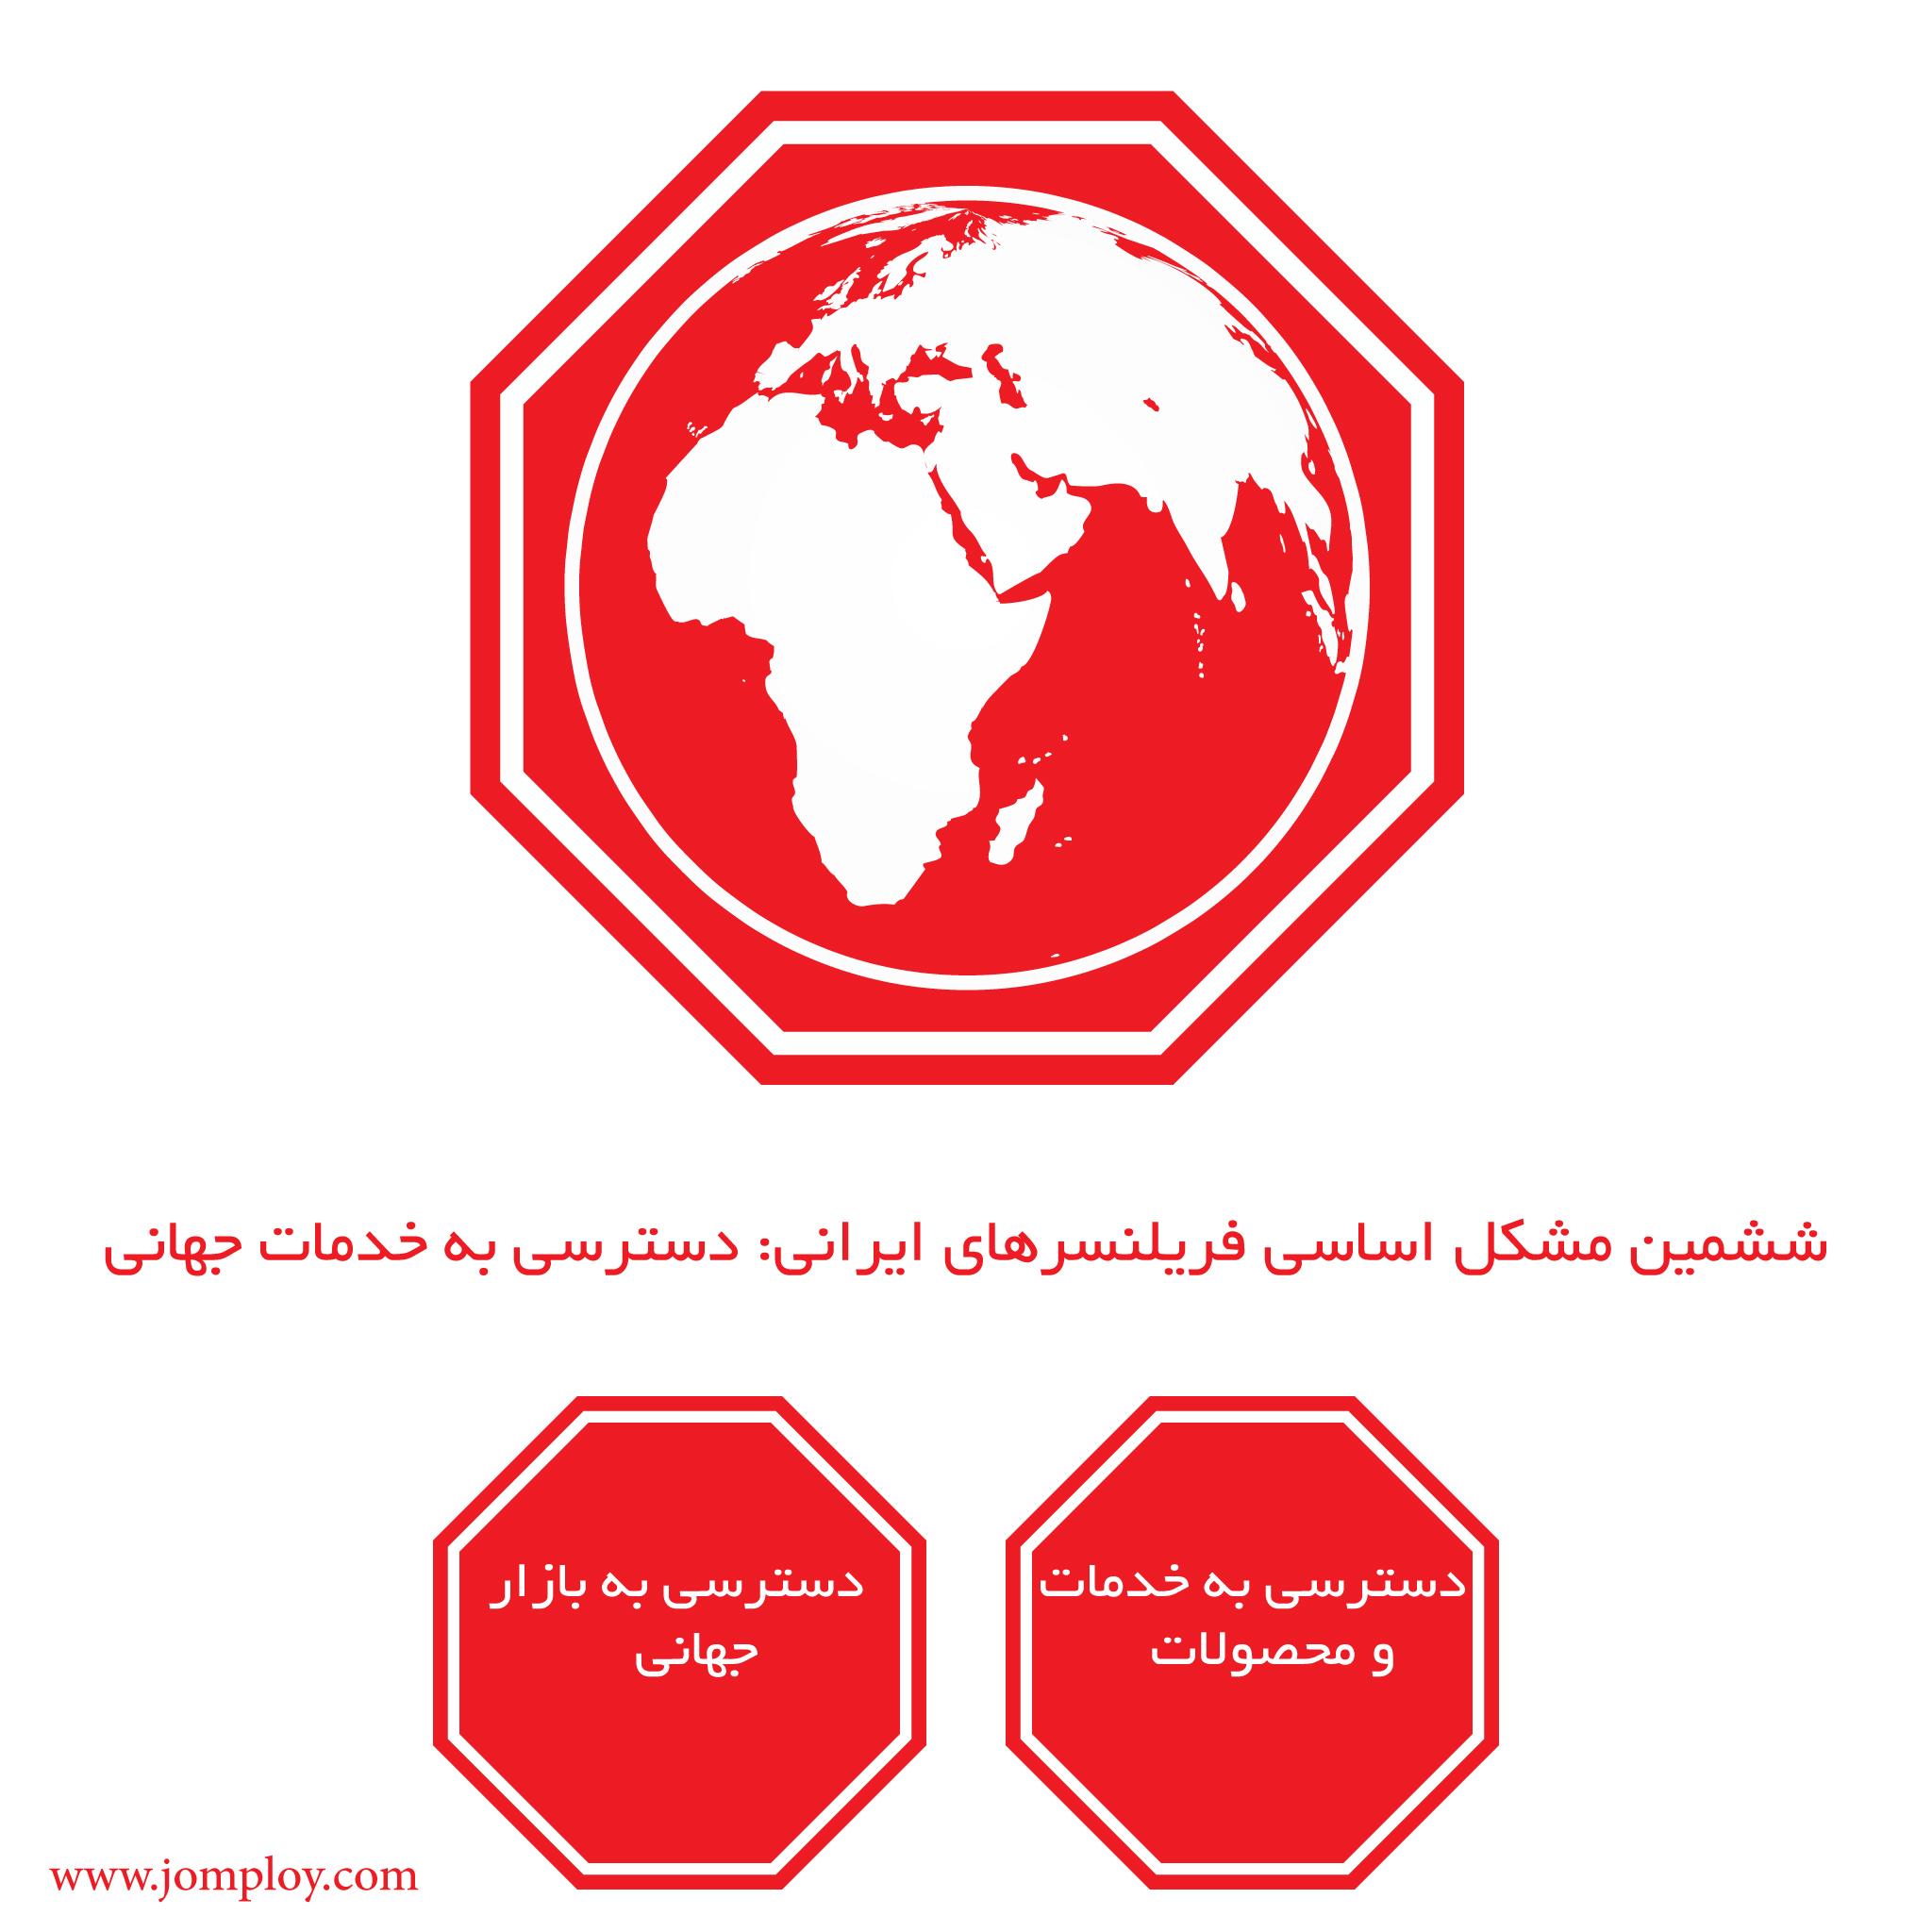 10 مشکل فریلنسرهای ایرانی-مشکل ششم:دسترسی به خدمات جهانی